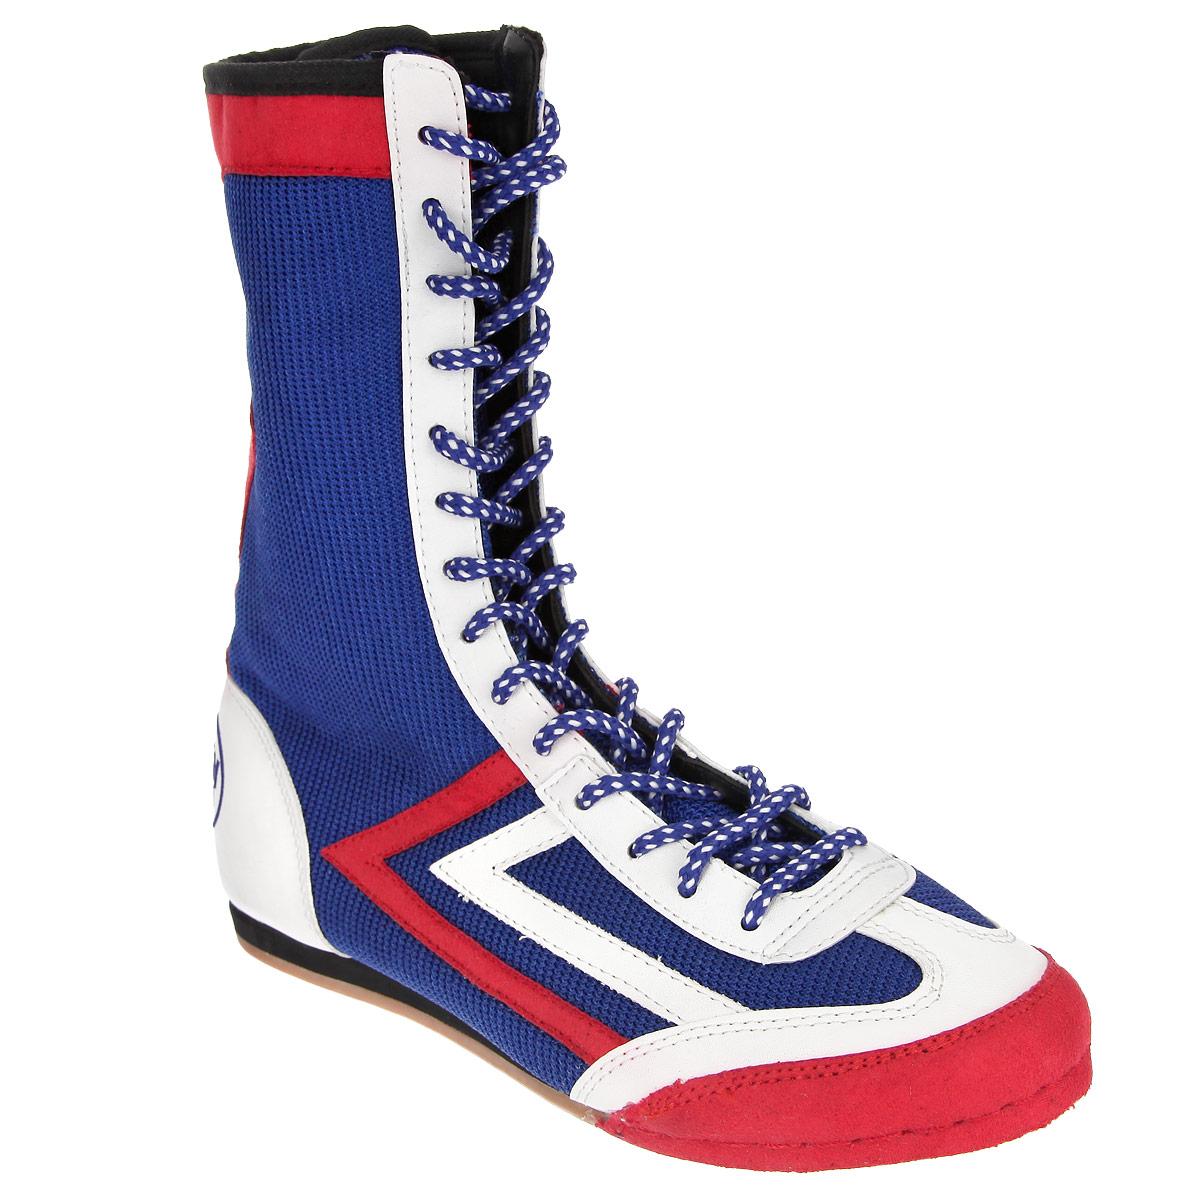 Боксерки Green Hill, цвет: синий. BS-5076a. Размер 39BS-5076Классическиебоксерки от Green Hill предназначены для занятий боксом. Модель, выполненная из дышащего текстиля со вставками из искусственной кожи и замши, оформлена названием бренда. Уплотненный задник и шнуровка обеспечивают надежную фиксацию обуви на ноге. Высокое голенище - для дополнительной защиты от ударов. Подошва с противоскользящим рифлением гарантирует идеальное сцепление с любой поверхностью. Стелька EVA с текстильной поверхностью обеспечивает превосходную амортизацию и комфорт.В таких боксерках вашим ногам будет максимально комфортно.